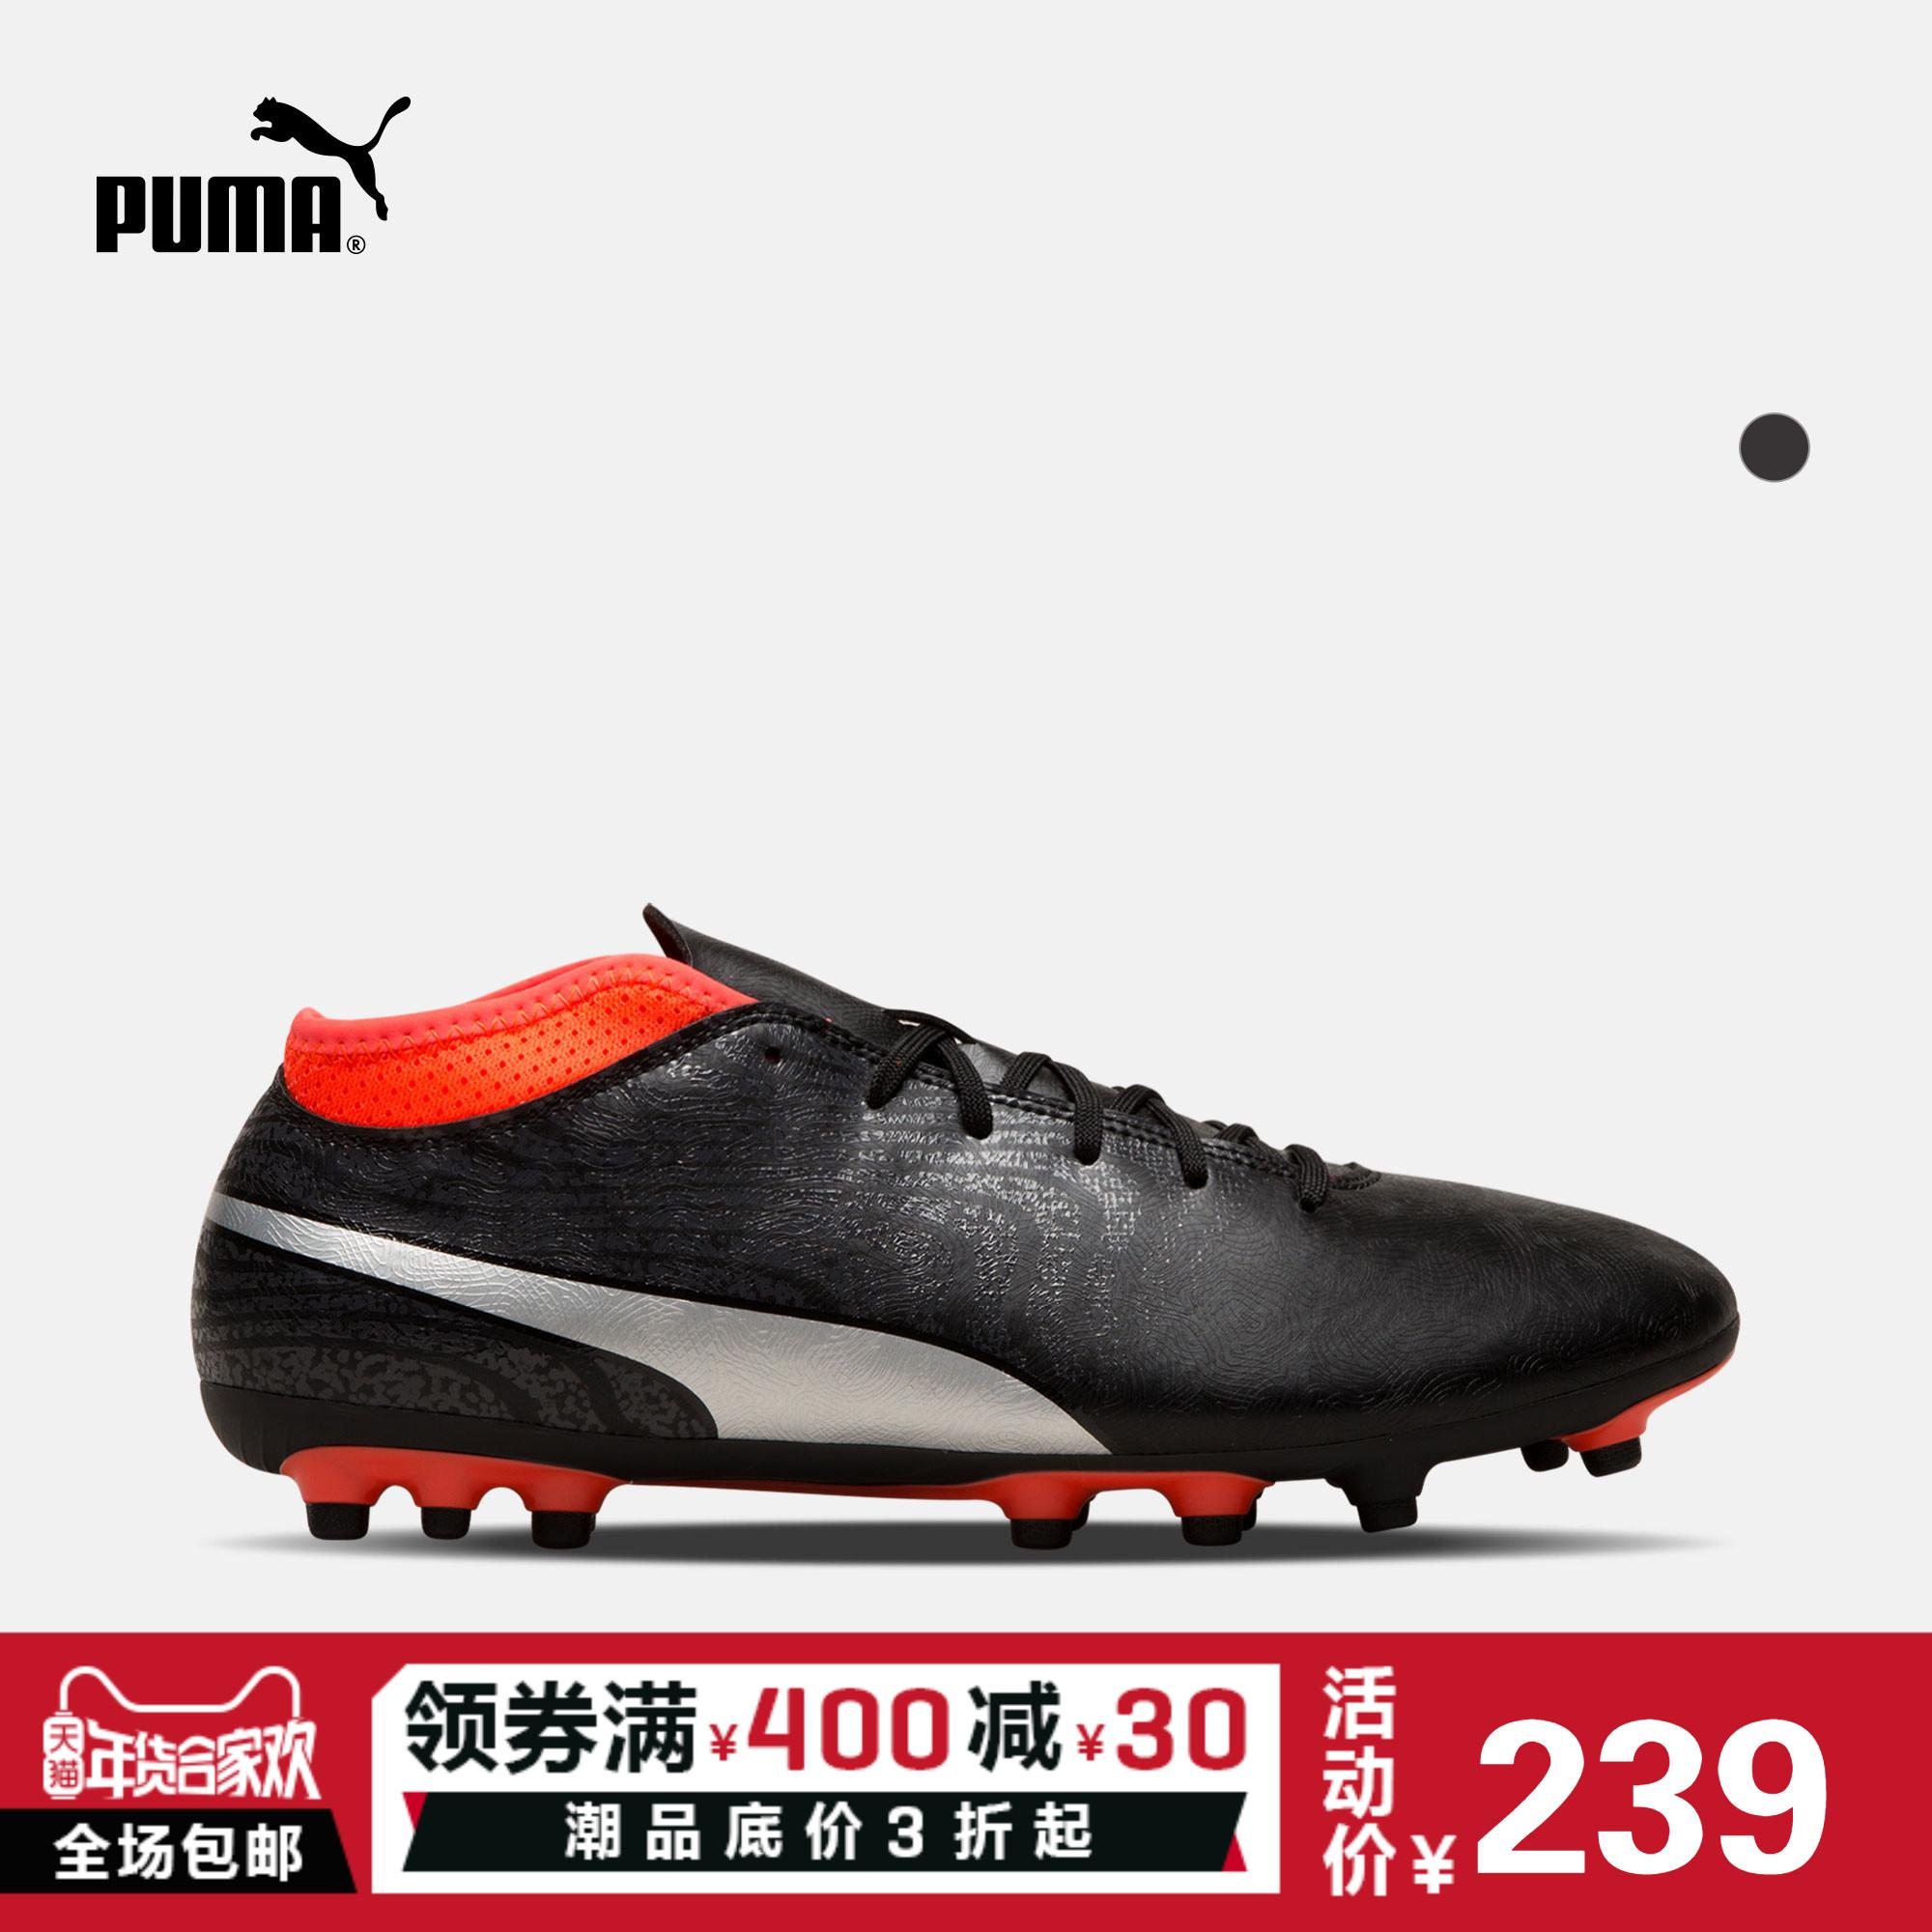 PUMA彪马官方 男子足球鞋 PUMA ONE 18.4 AG 104553